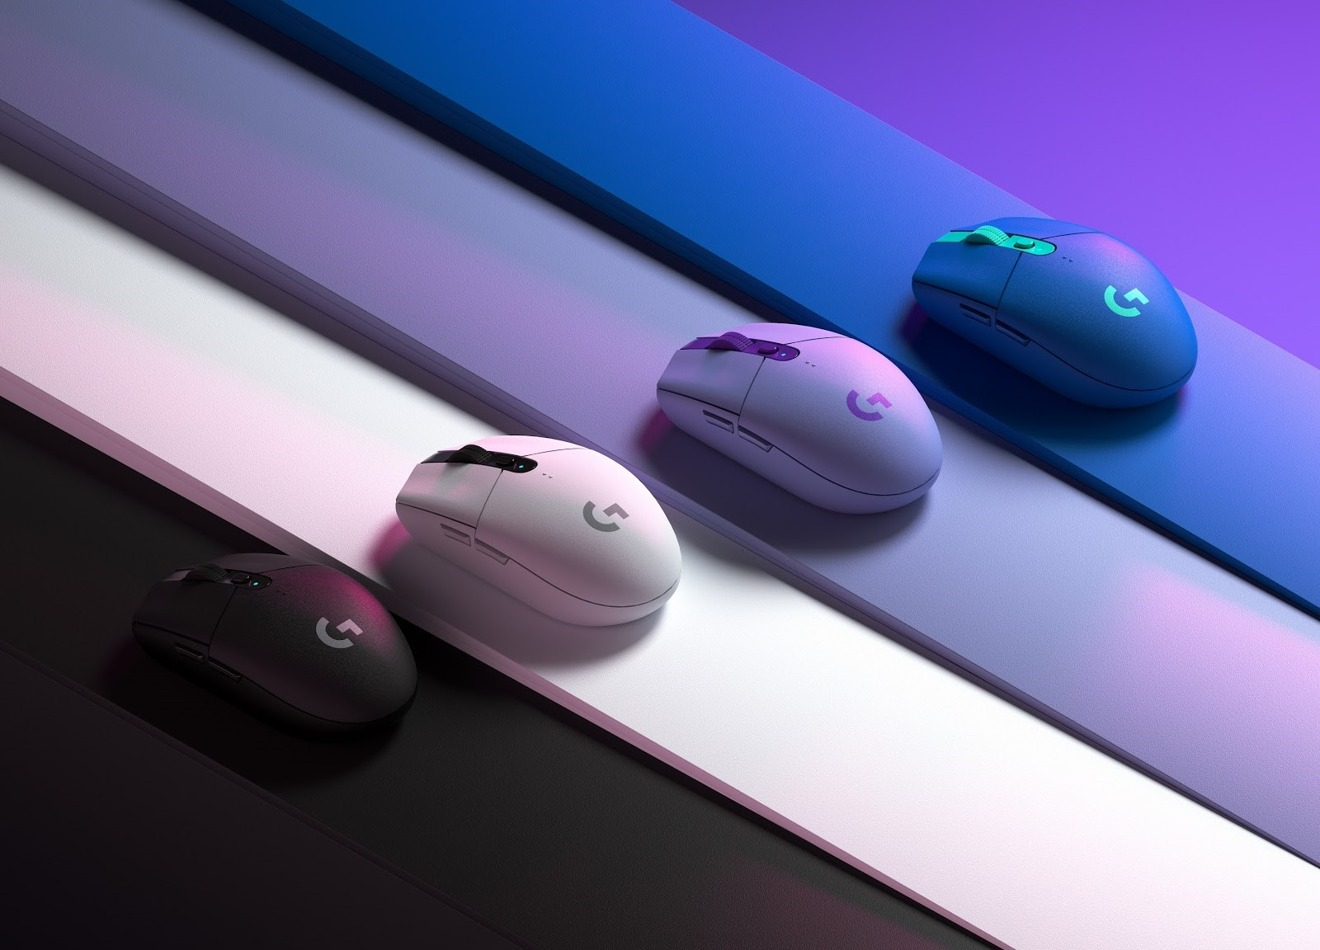 El mouse inalámbrico para juegos G305 ahora está disponible en azul y lila junto con blanco y negro